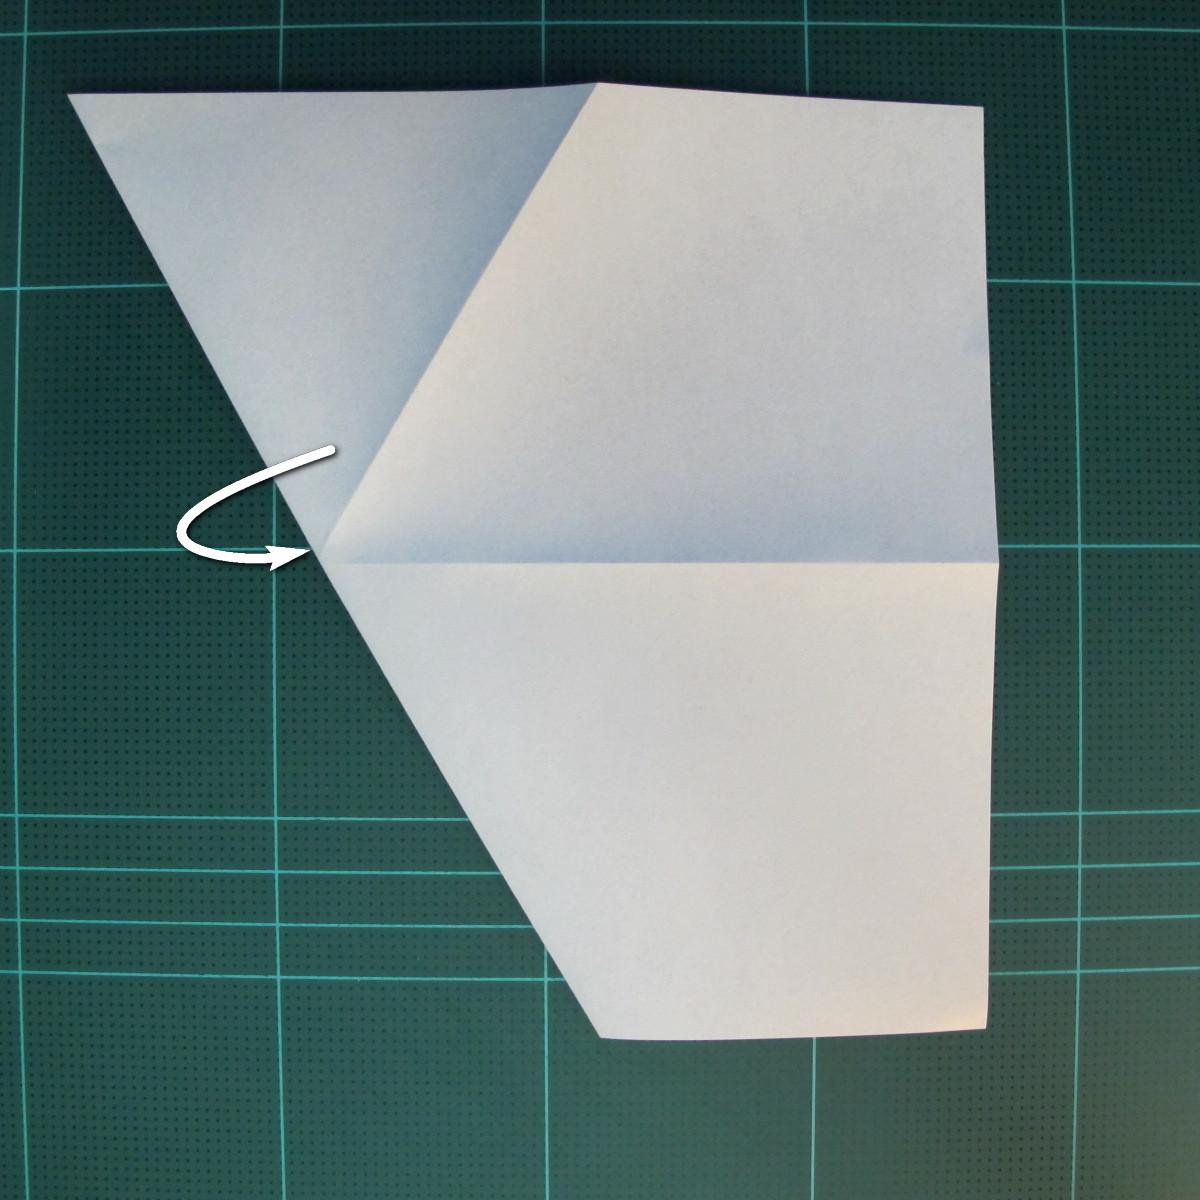 วิธีการพับกระดาษเป็นรูปกบ (แบบโคลัมเบี้ยน) (Origami Frog) 009